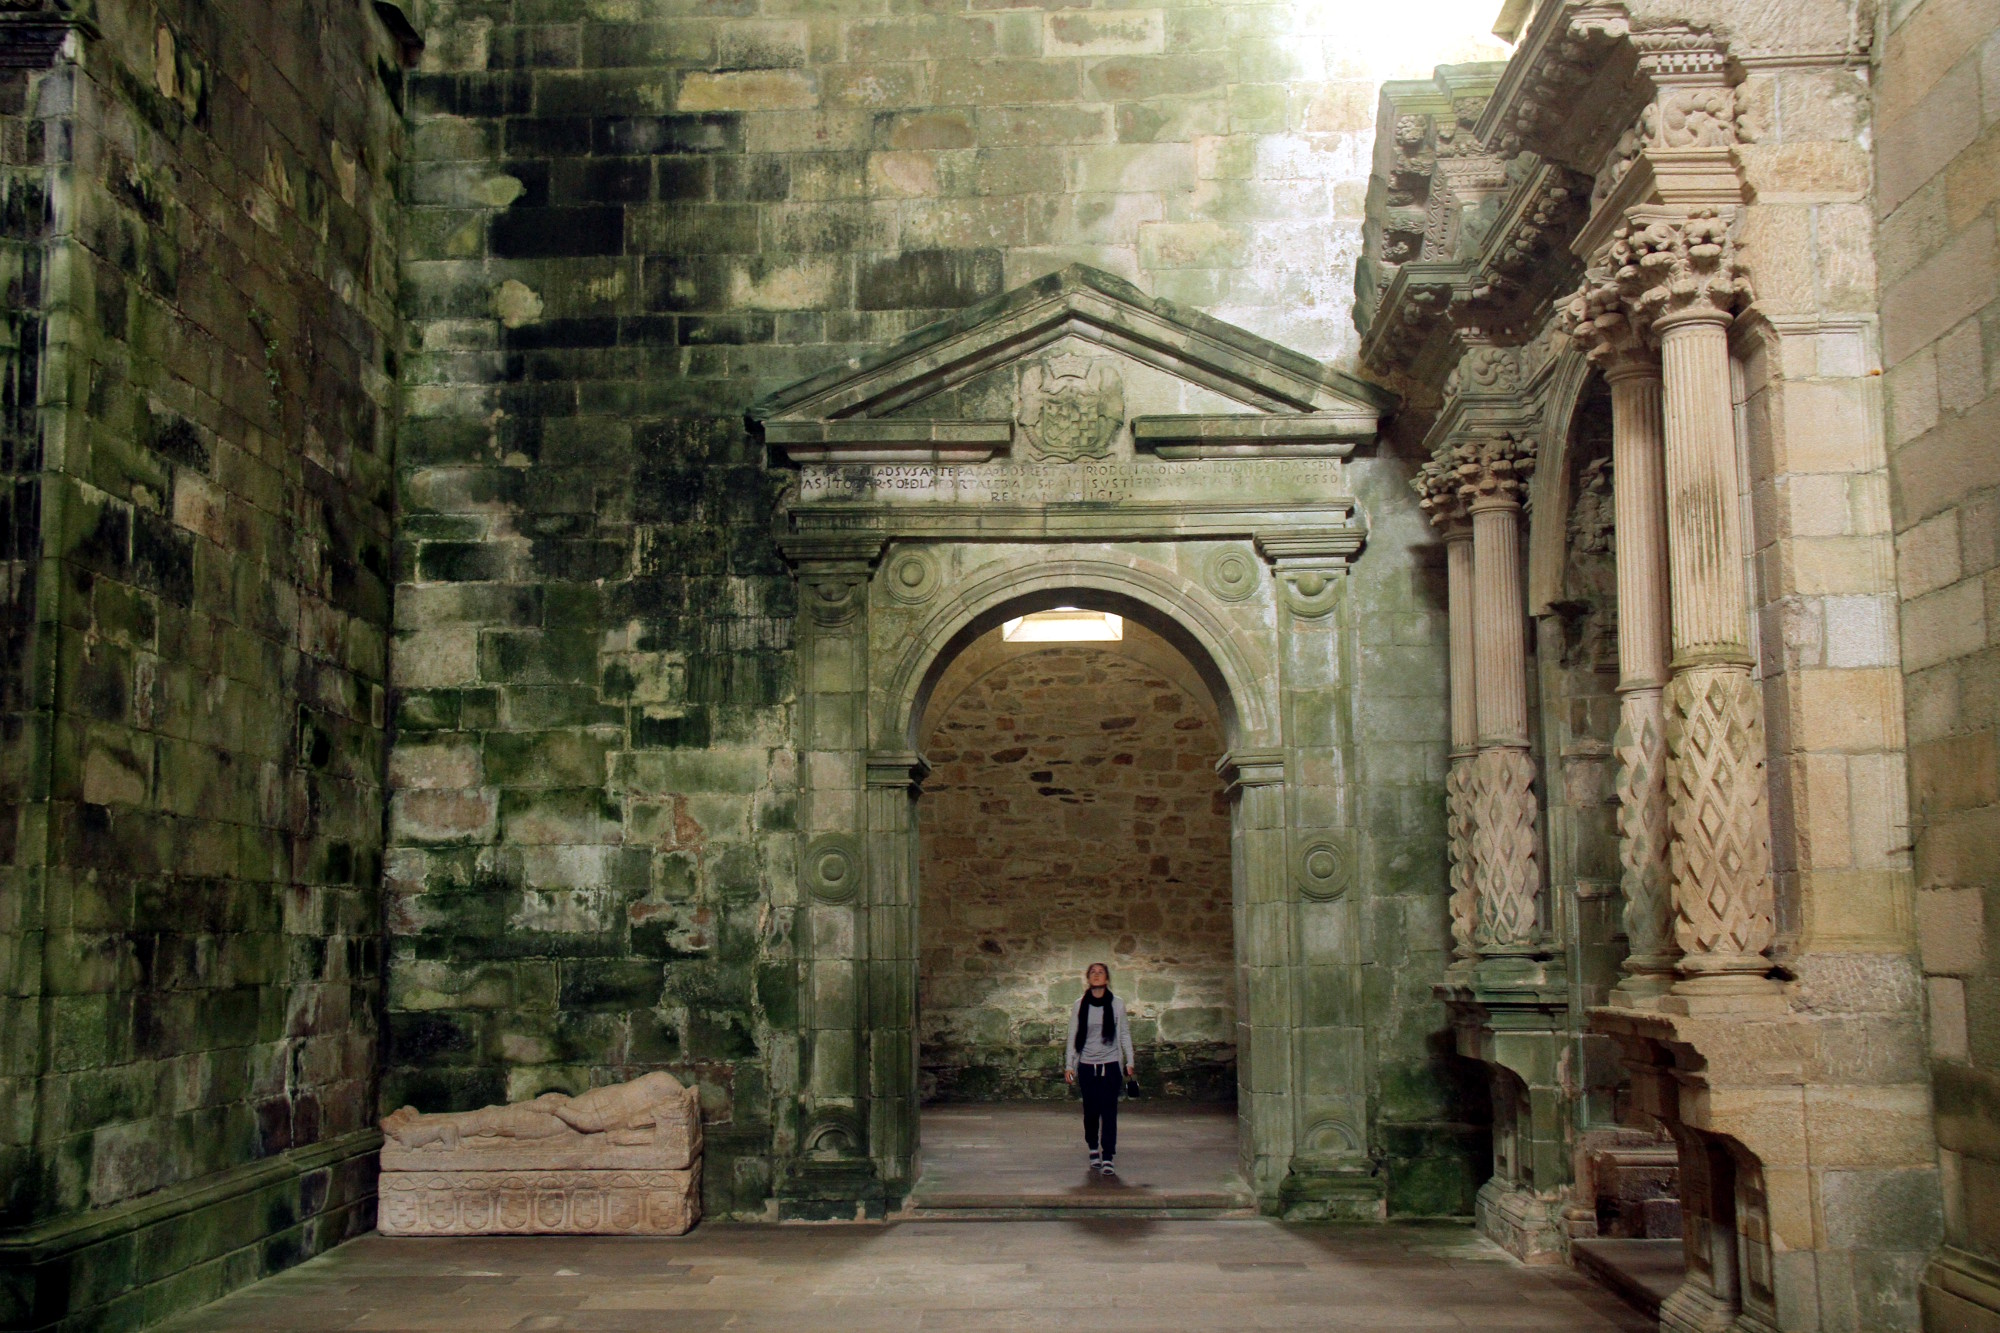 Erguido na primeria metade do século 12, o Sobrado dos Monxes é um dos cenários mais impressionantes do Caminho Norte, onde o peregrino faz a sua última parada antes de chegar a Santiago de Compostela (foto: Eduardo Vessoni)